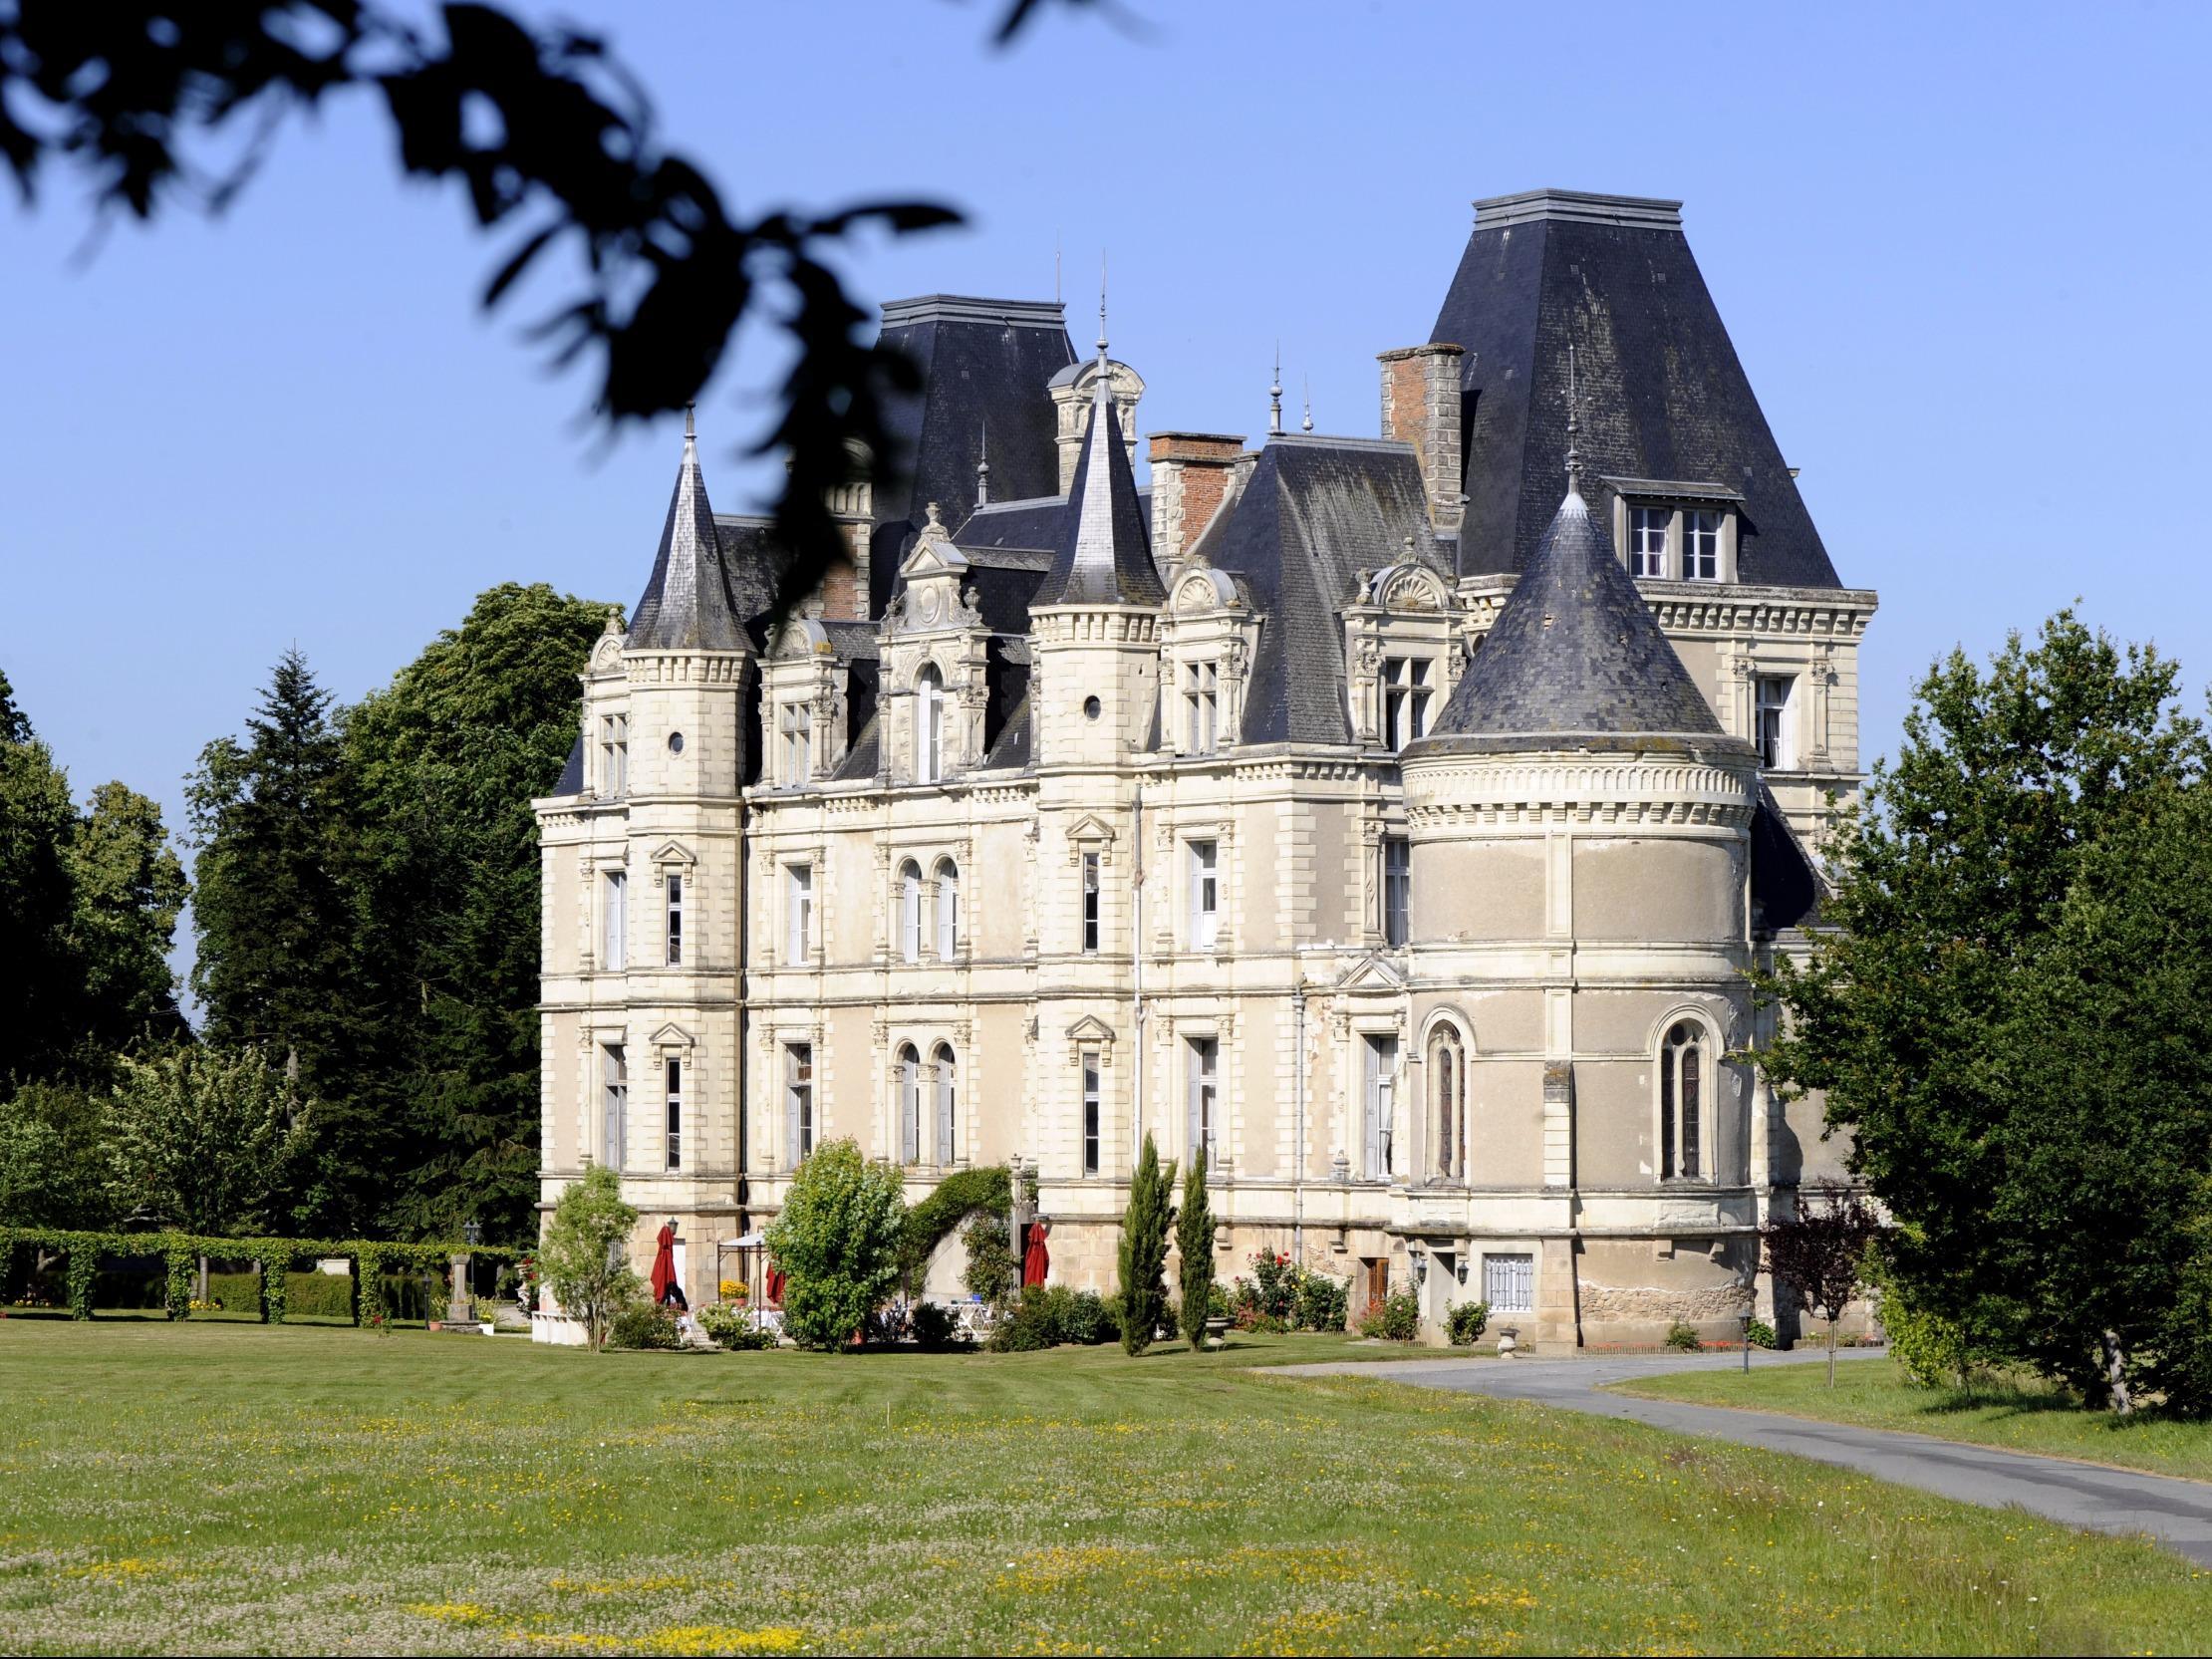 Location château événement Cholet - 100% LOC